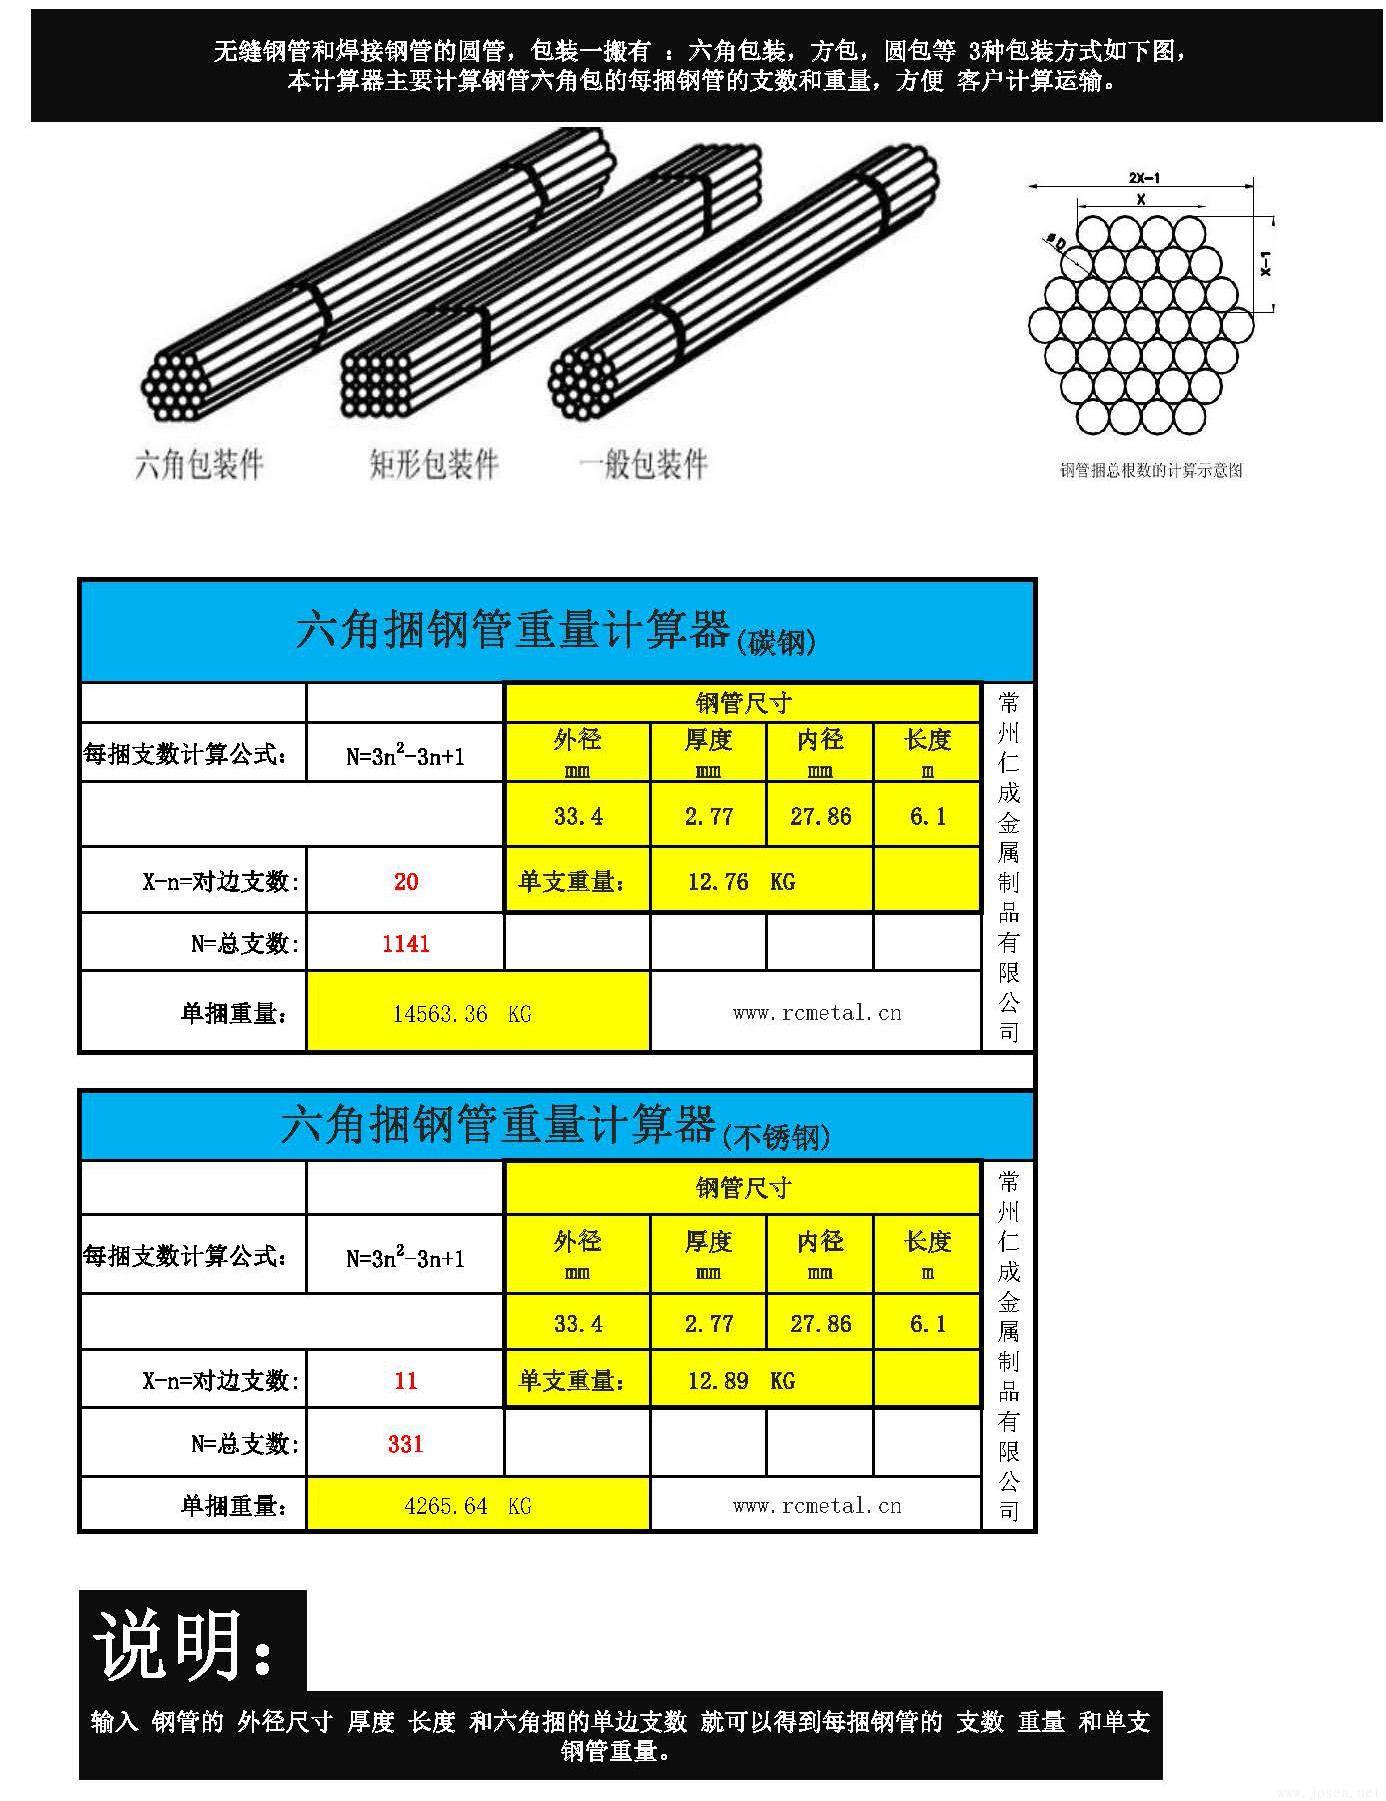 钢管六角捆包装重量计算器